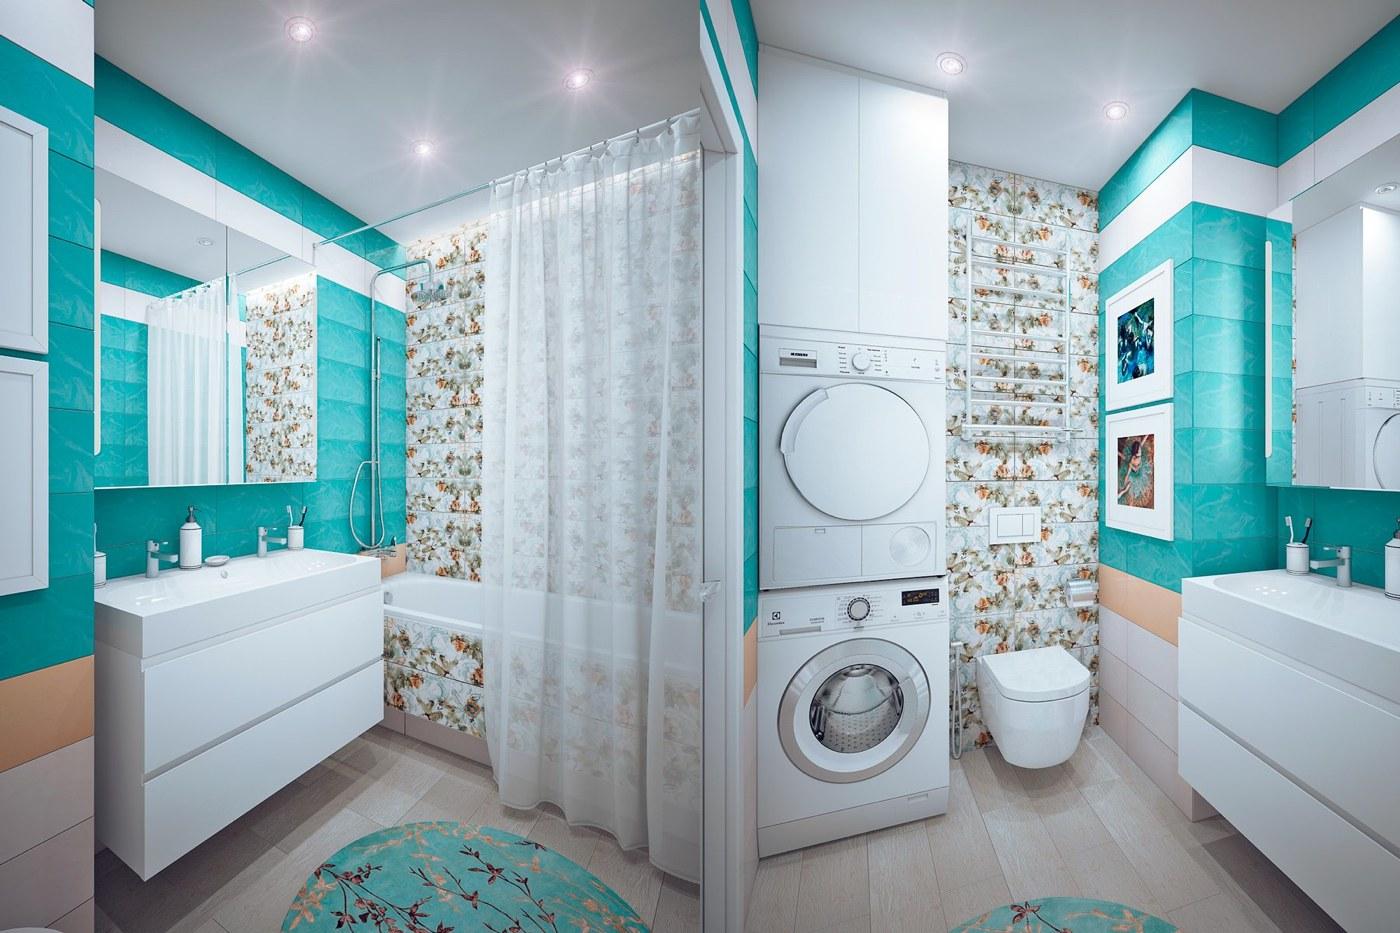 proekt-za-apartament-s-tsveten-i-dinamichen-interior-917g